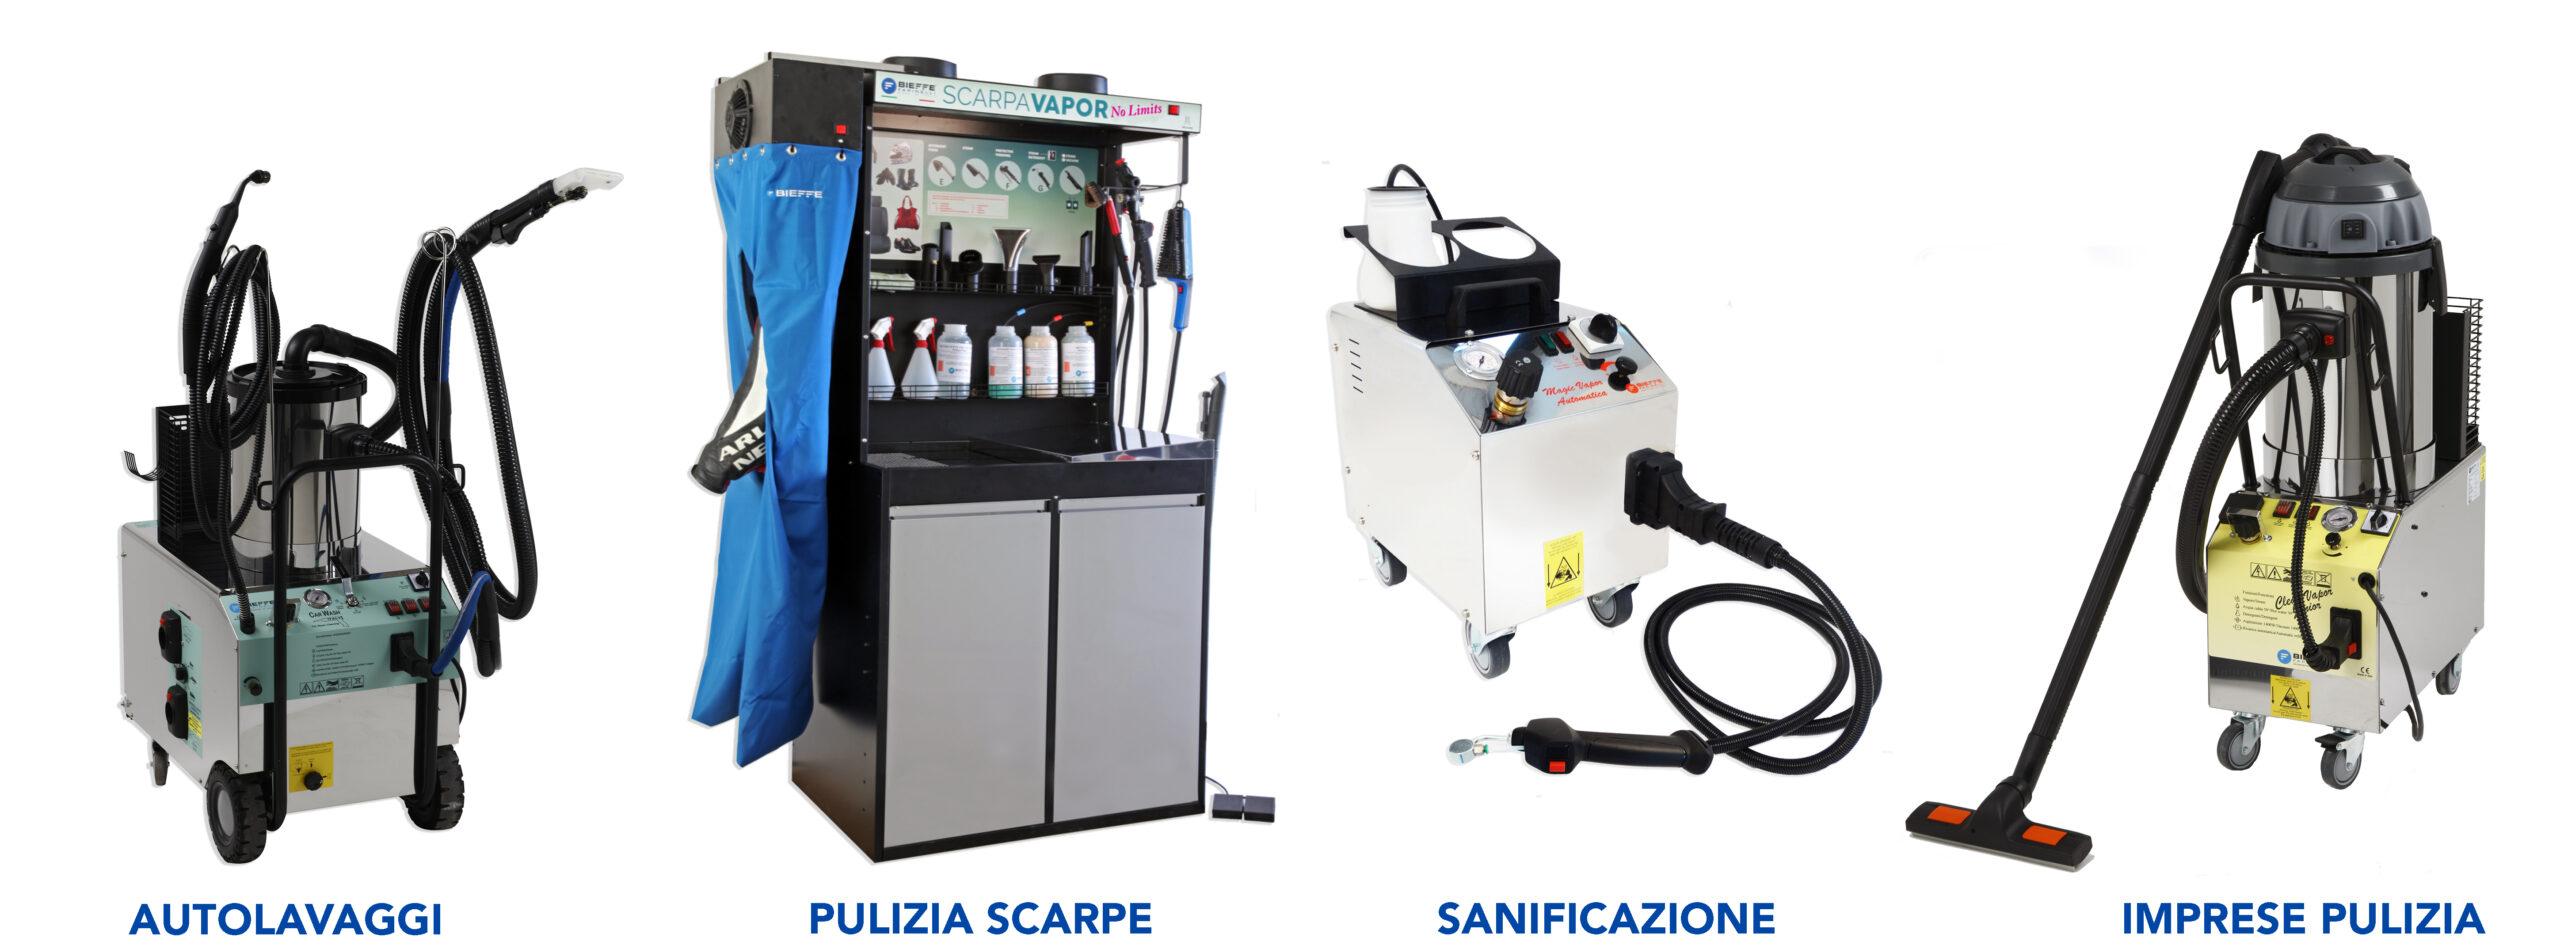 Autolavaggi pulizia scarpe sanificazione imprese pulizia